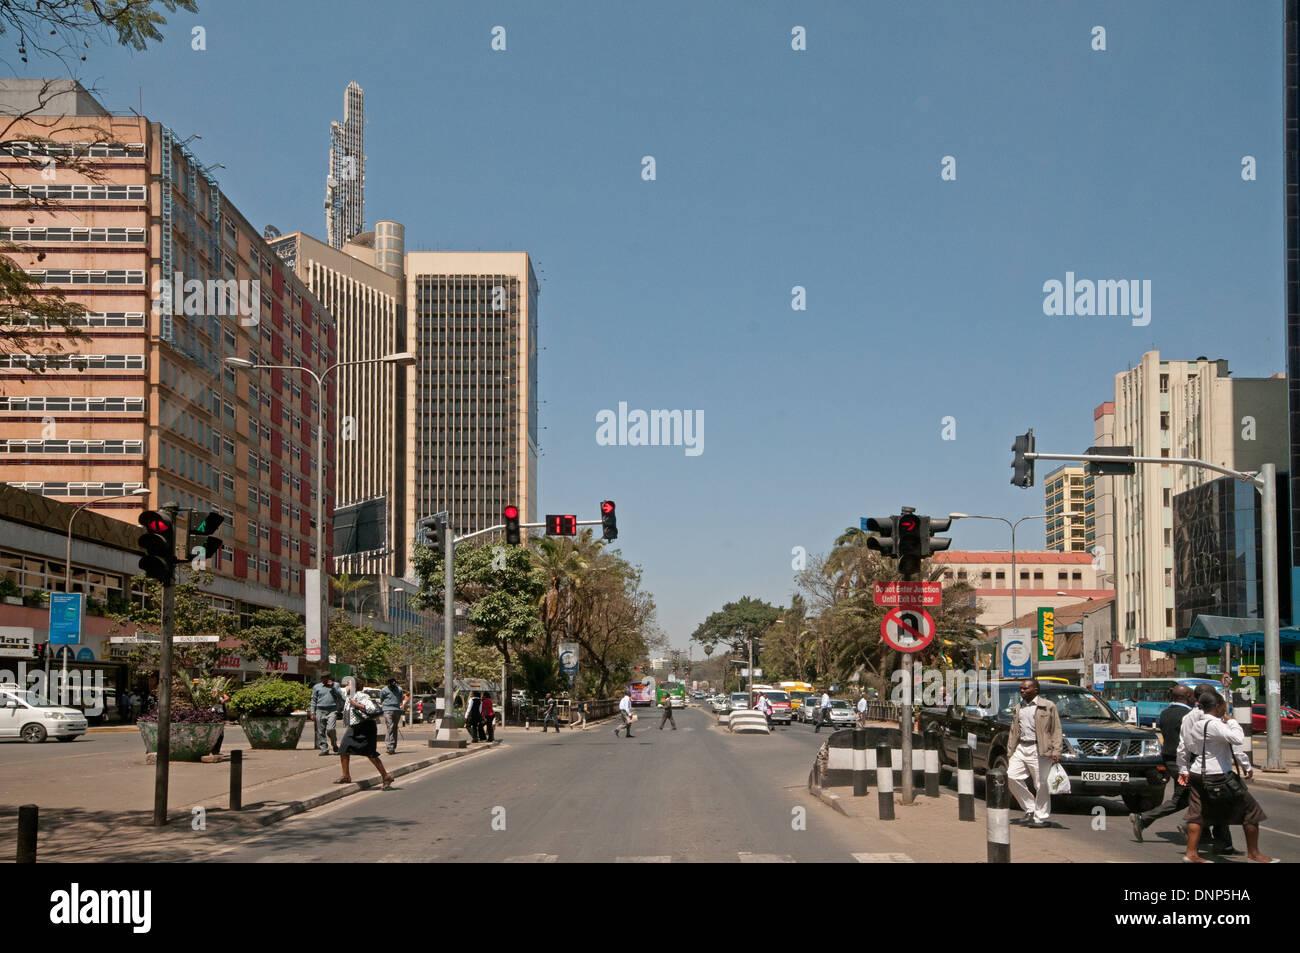 File:Kenyatta Avenue Panorama.jpg - Wikimedia Commons